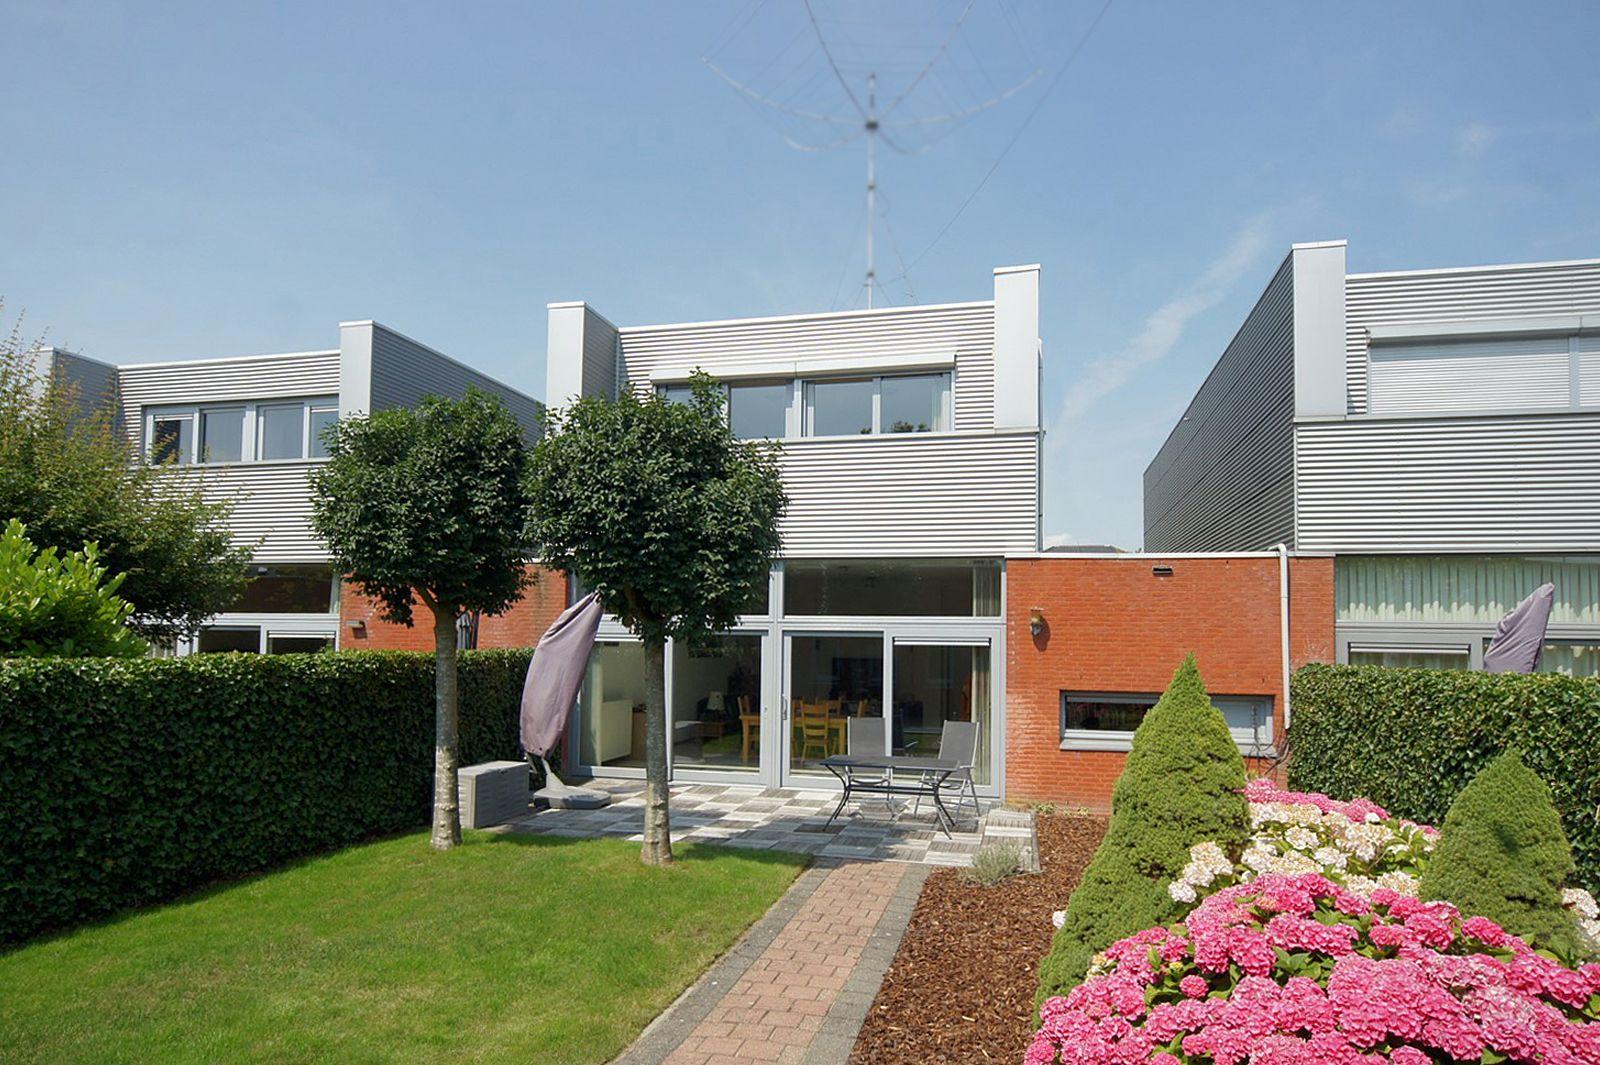 Chagallweg 78, Almere